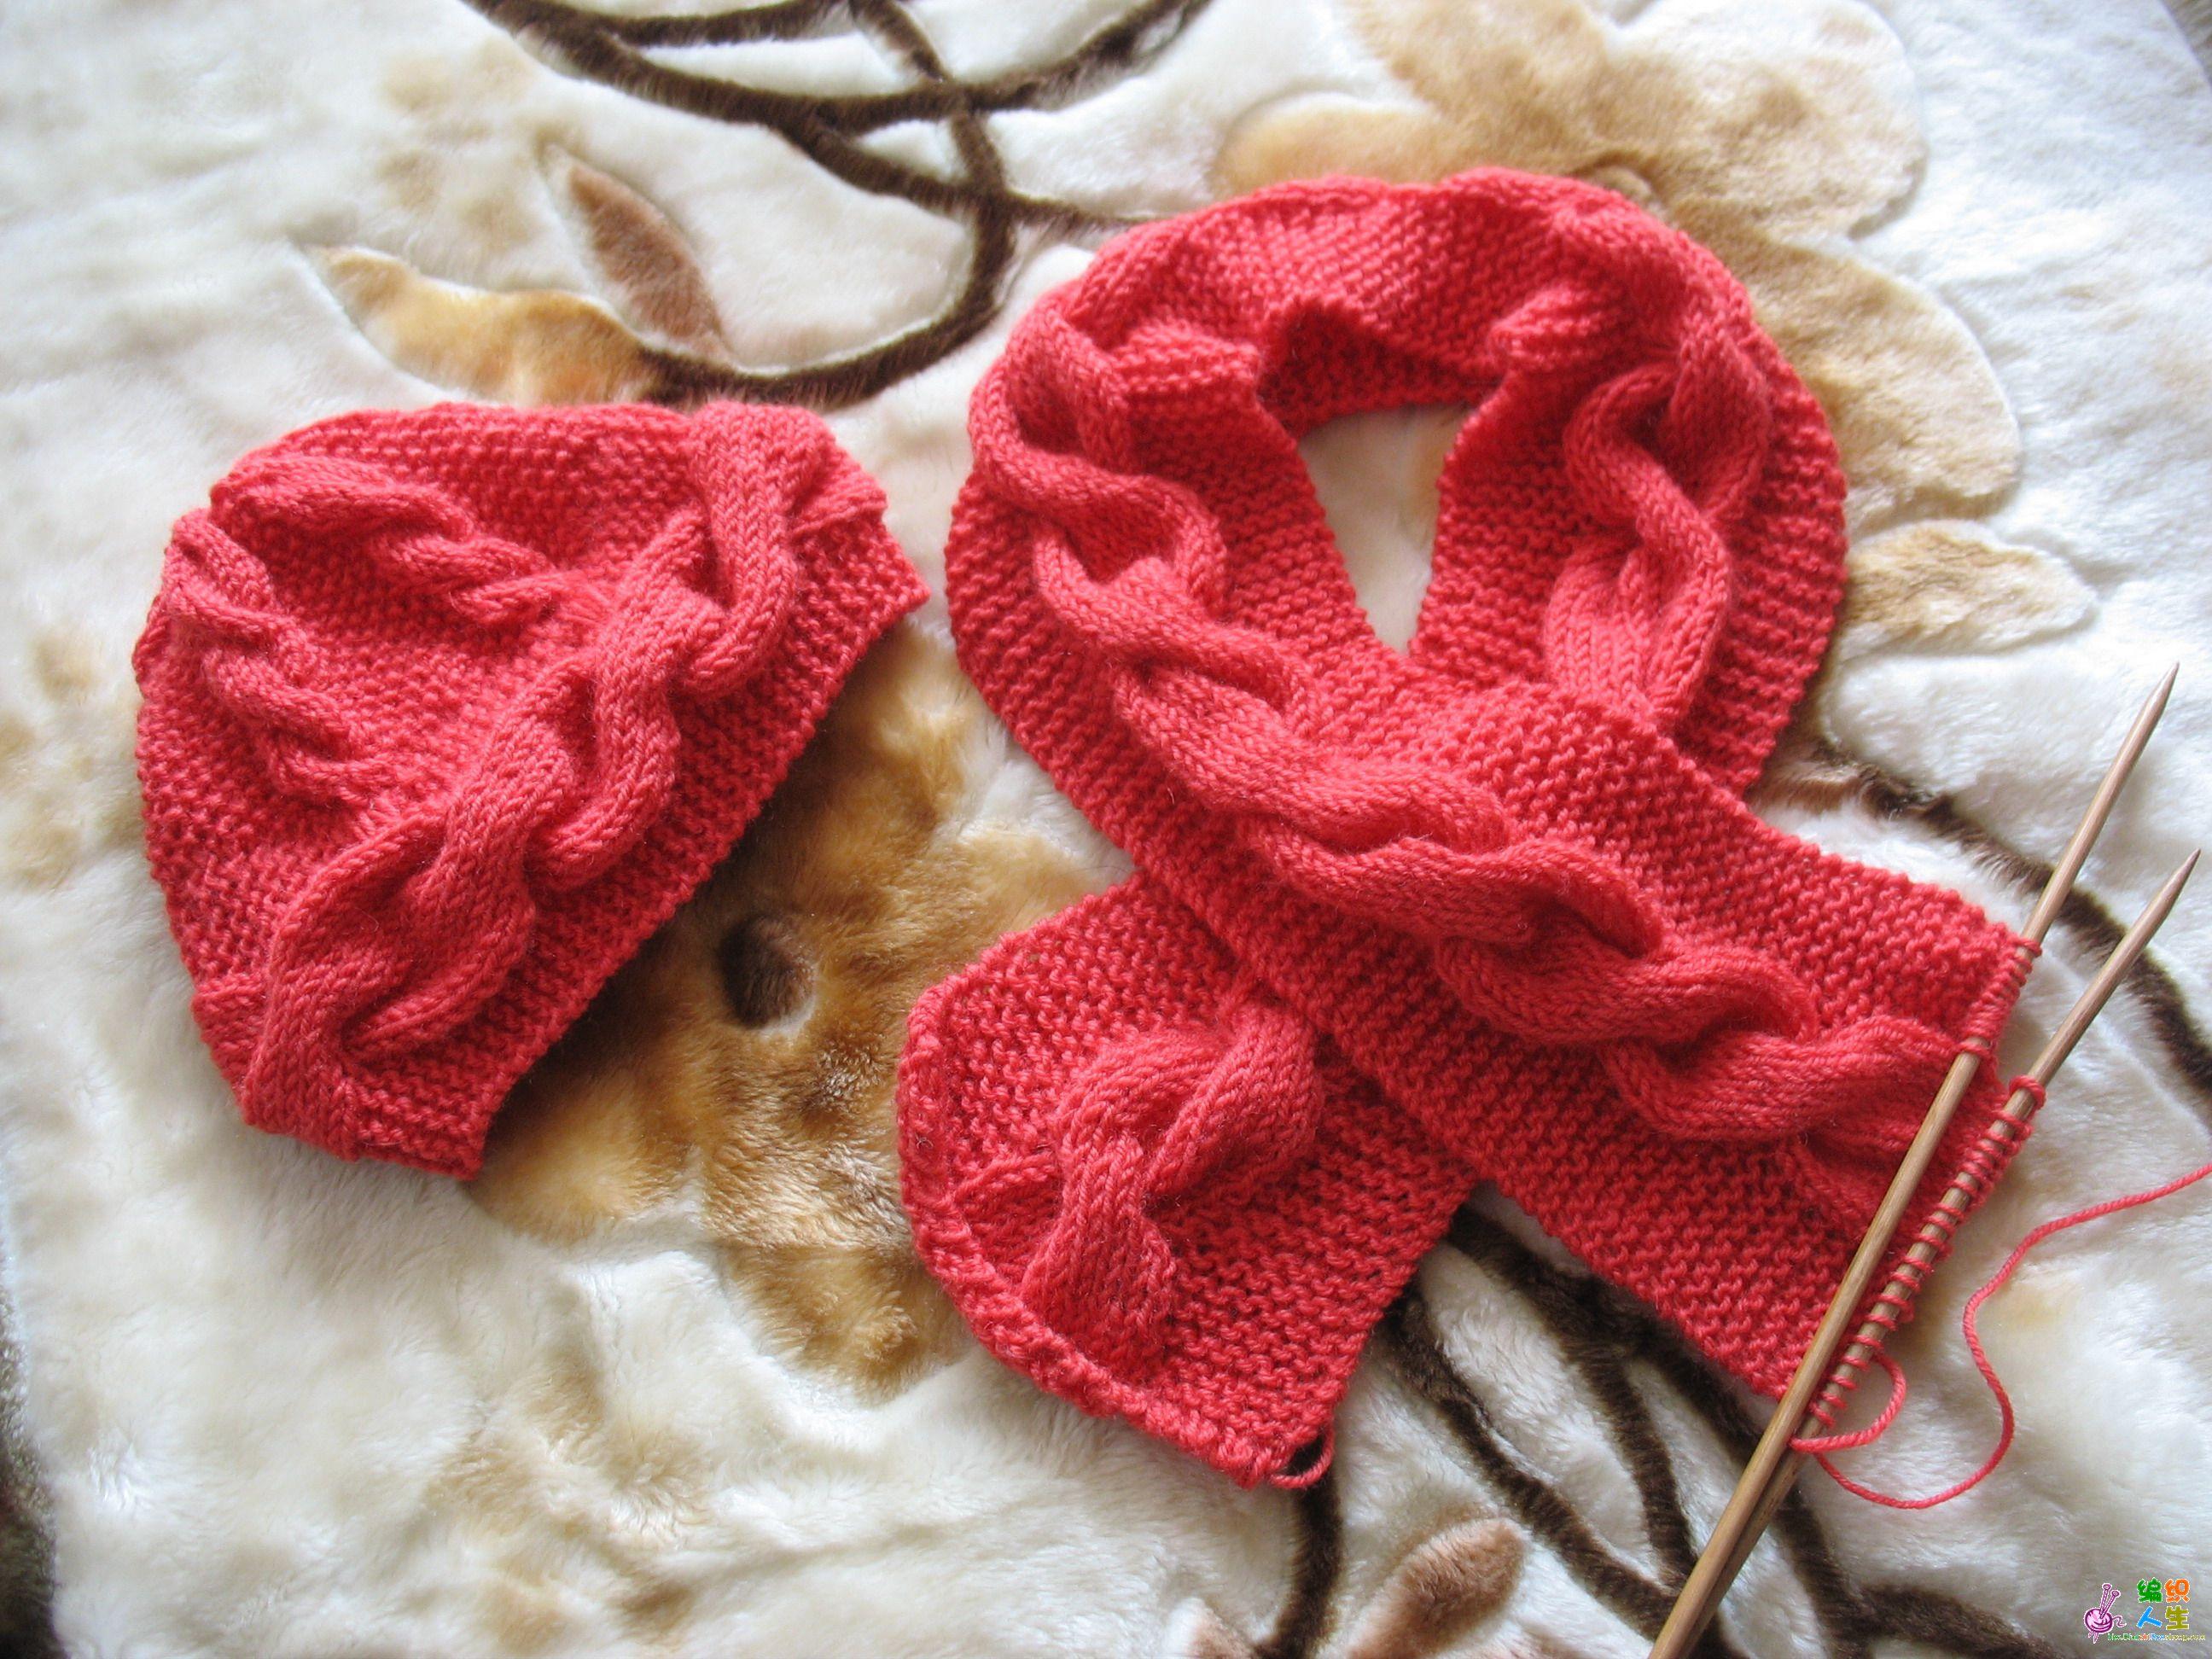 喜庆的红帽子红围巾